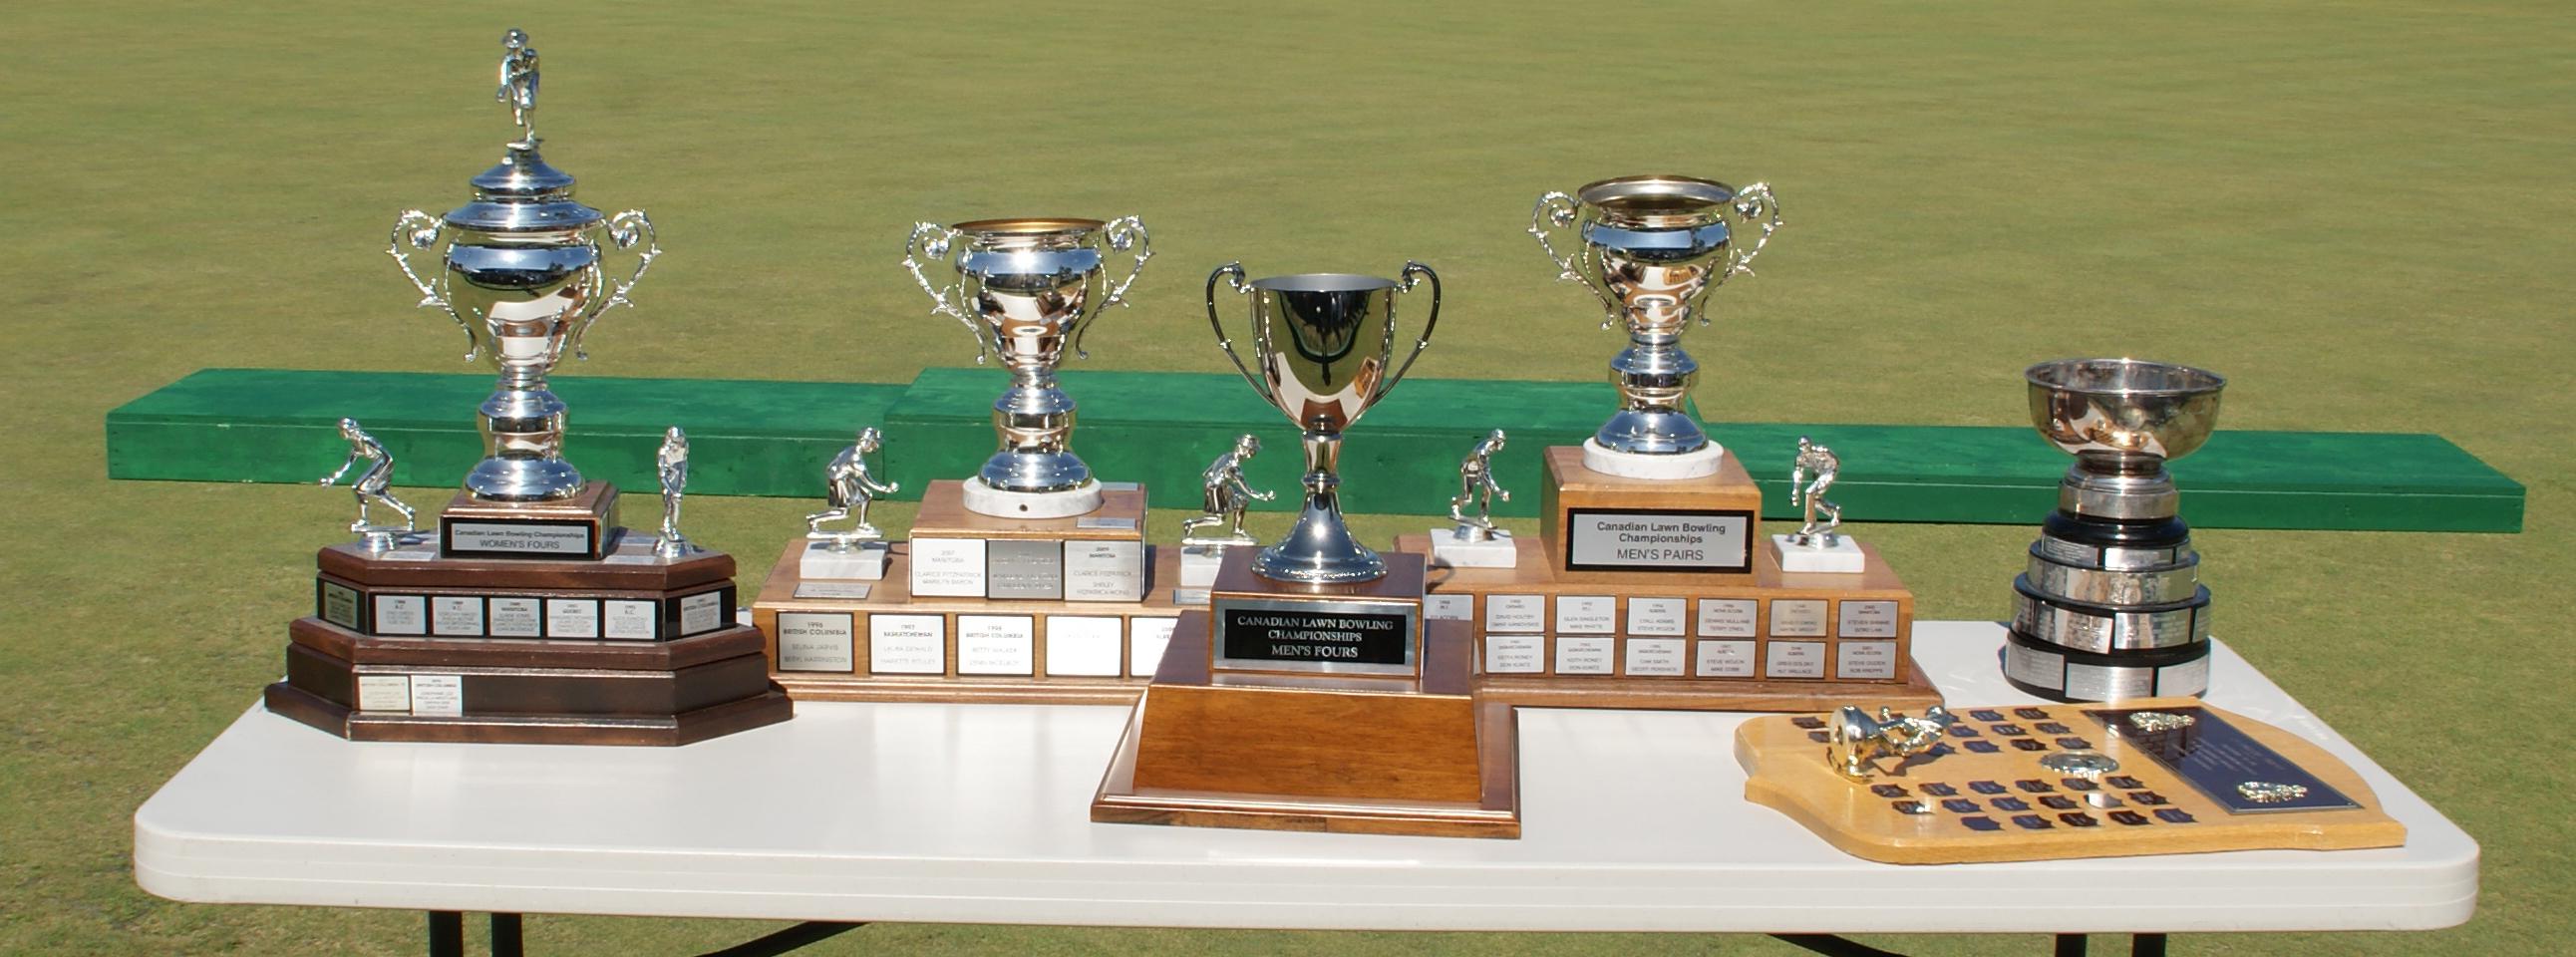 https://0901.nccdn.net/4_2/000/000/05c/240/trophy.jpg